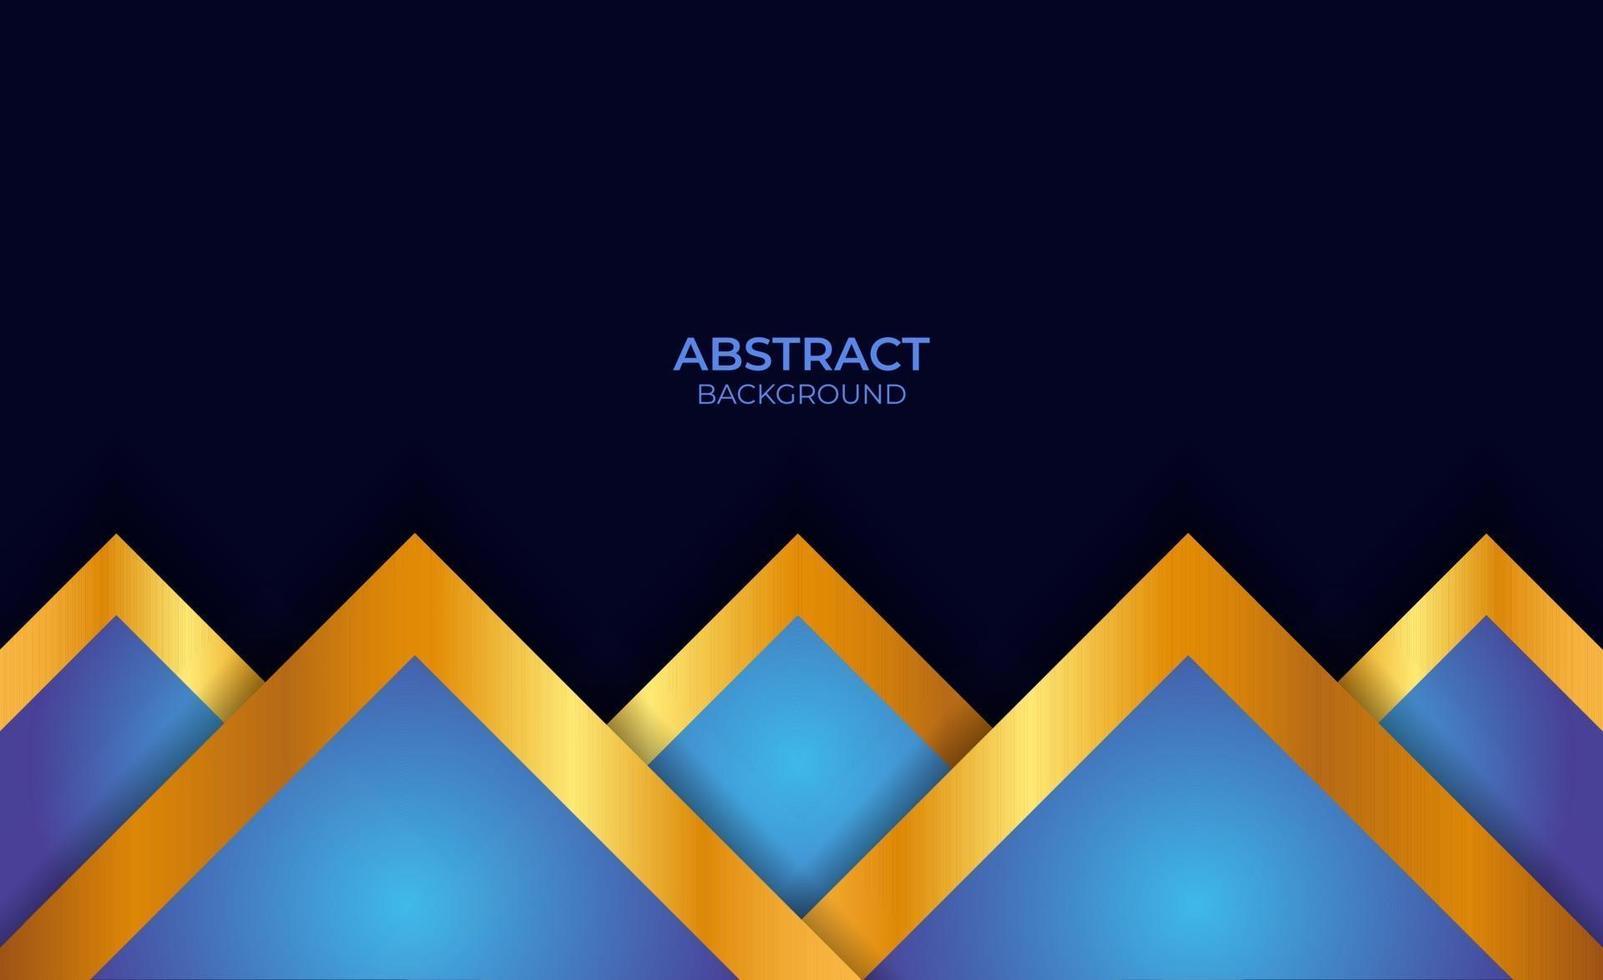 fond de présentation abstrait bleu et or vecteur